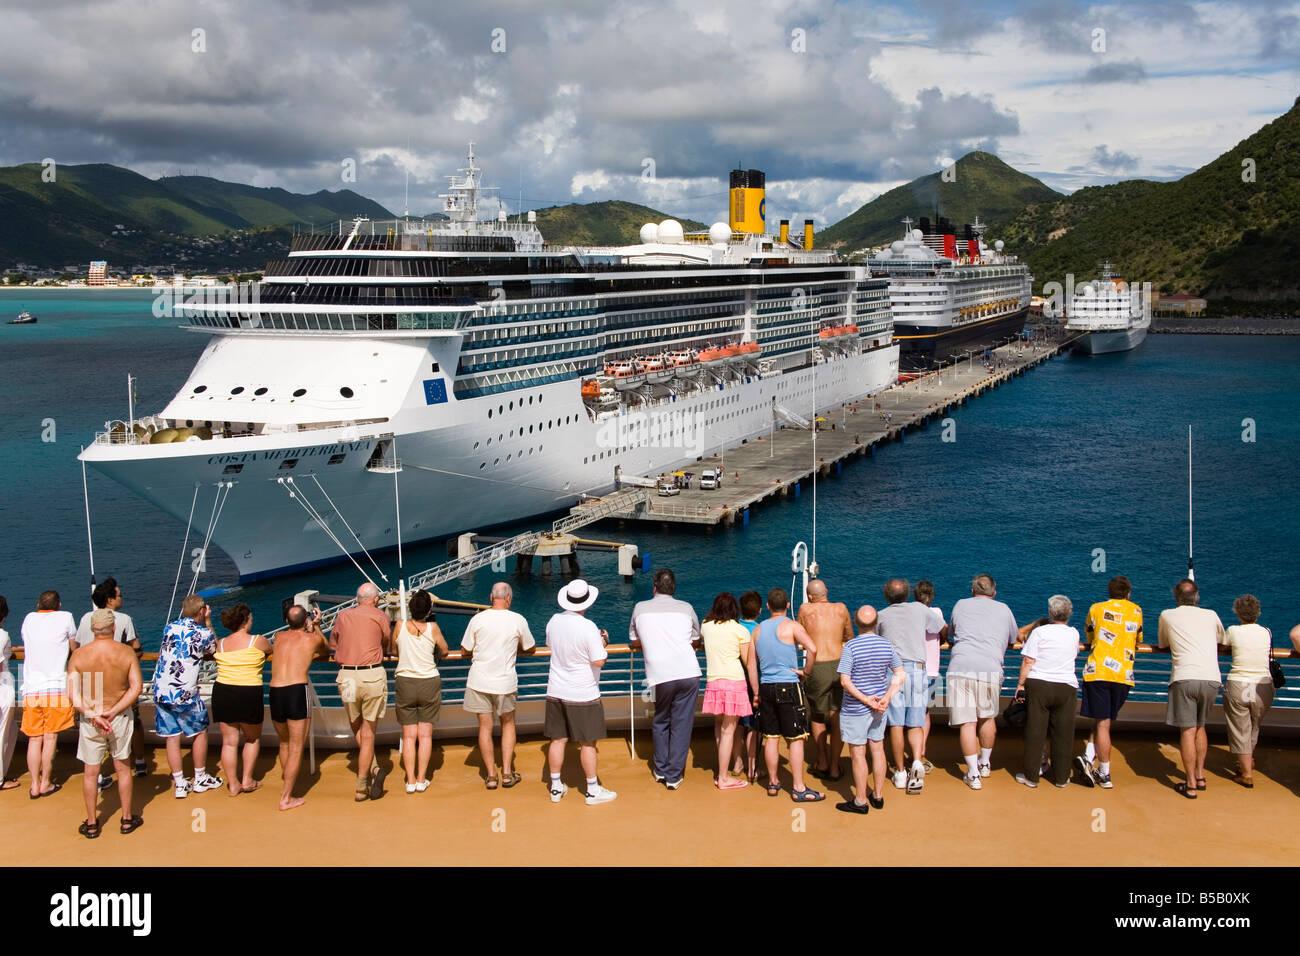 Cruise Ship Terminal Wathey Pier Philipsburg St Maarten Stock - Philipsburg st maarten cruise ship schedule